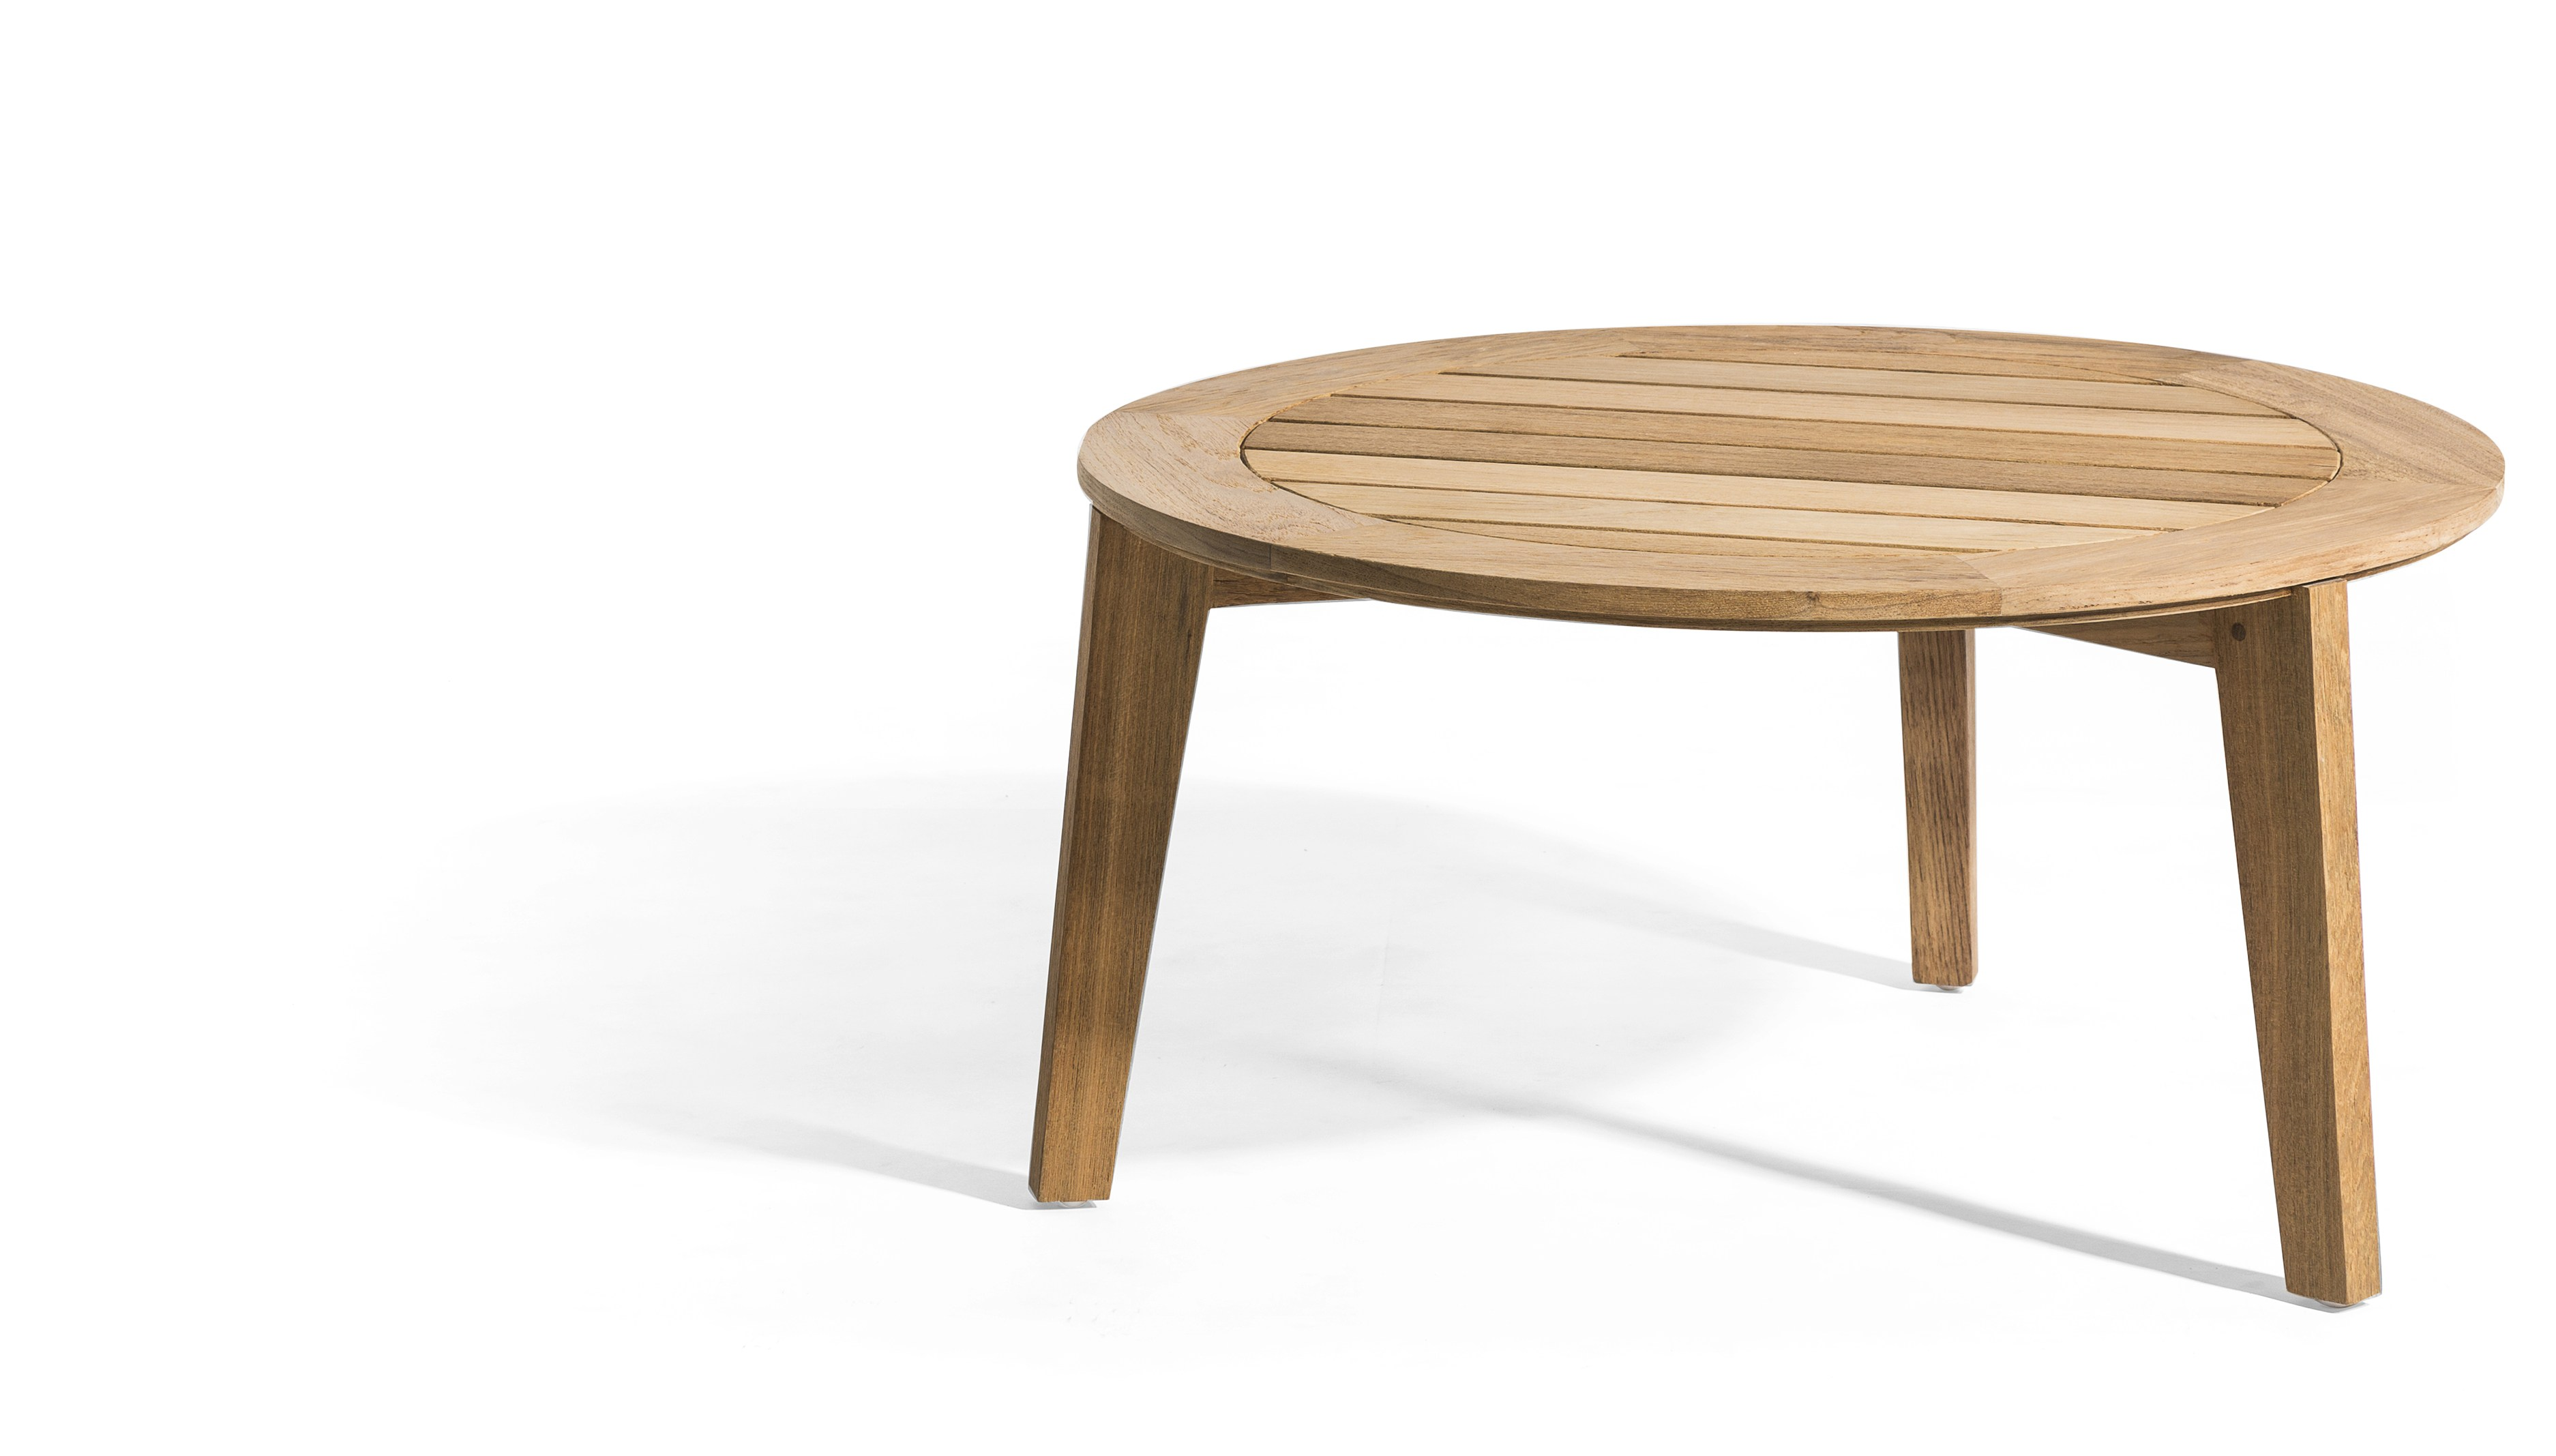 Awesome salon de jardin rond en teck photos amazing for Table exterieur octogonale